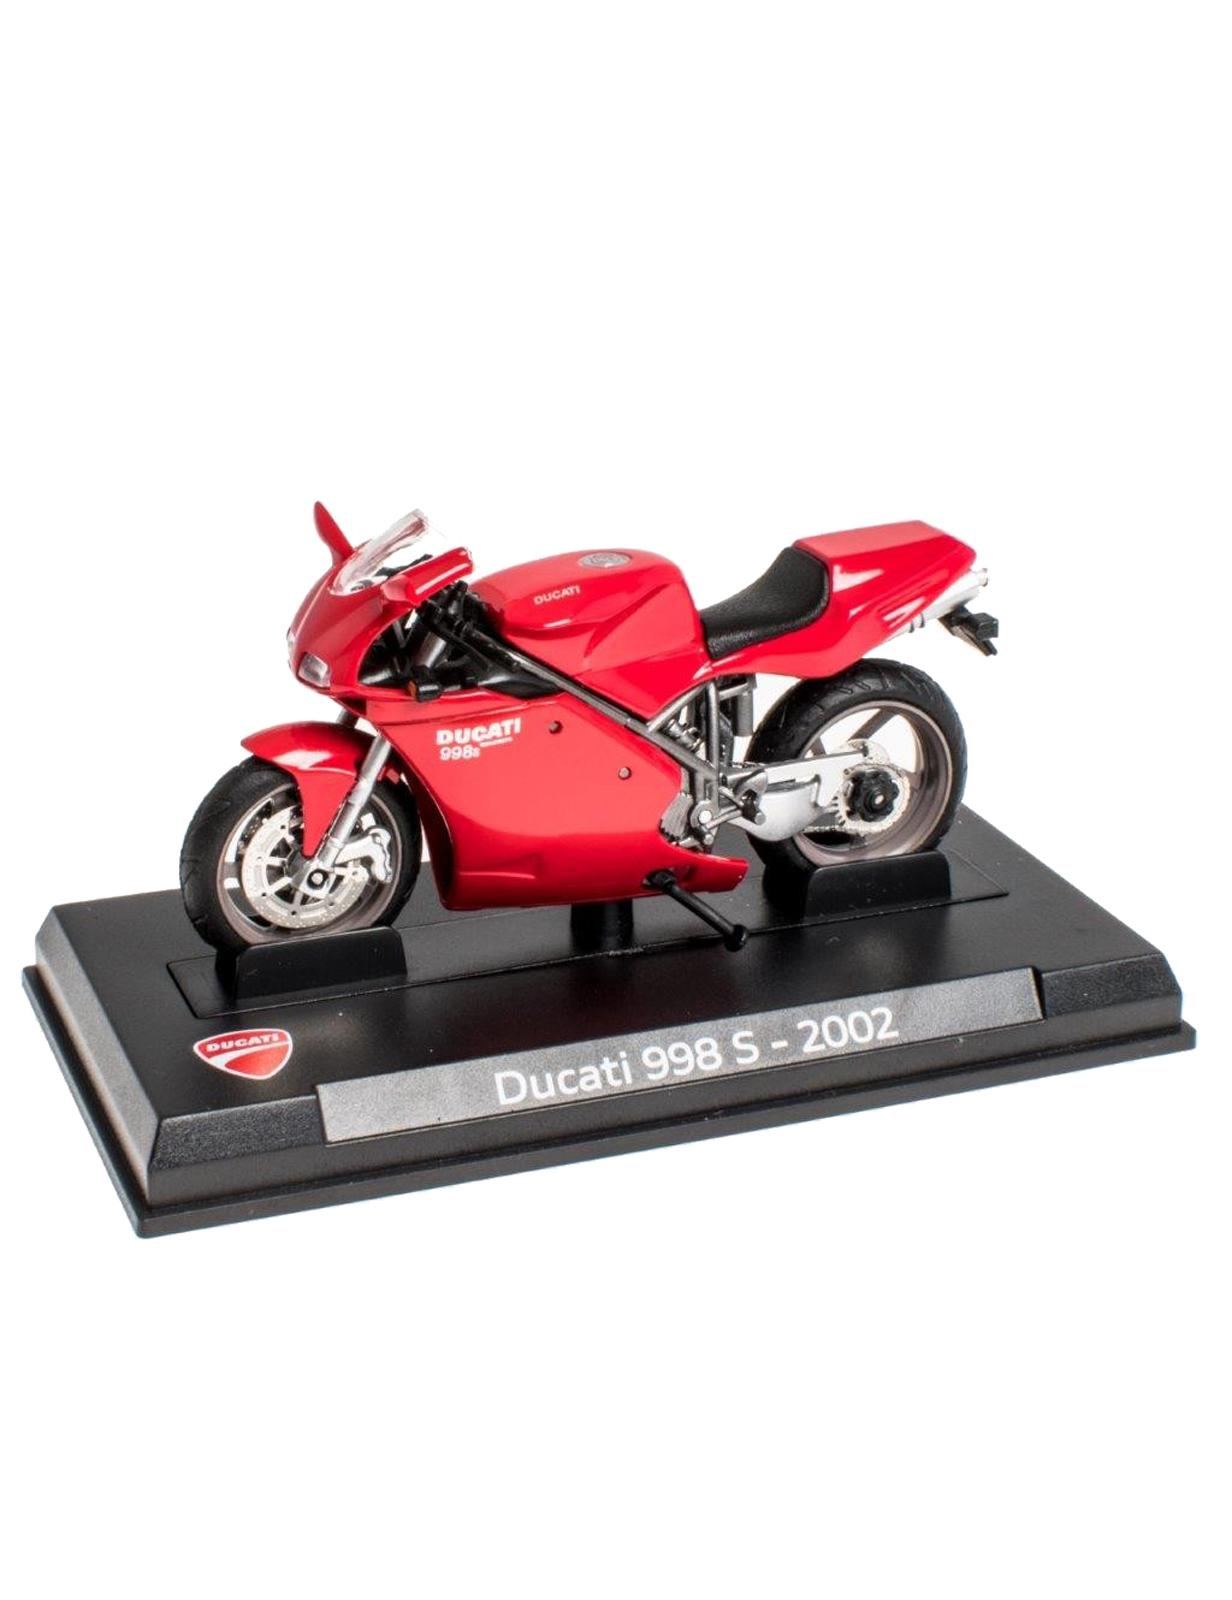 Ducati 998 S (2002) in Red